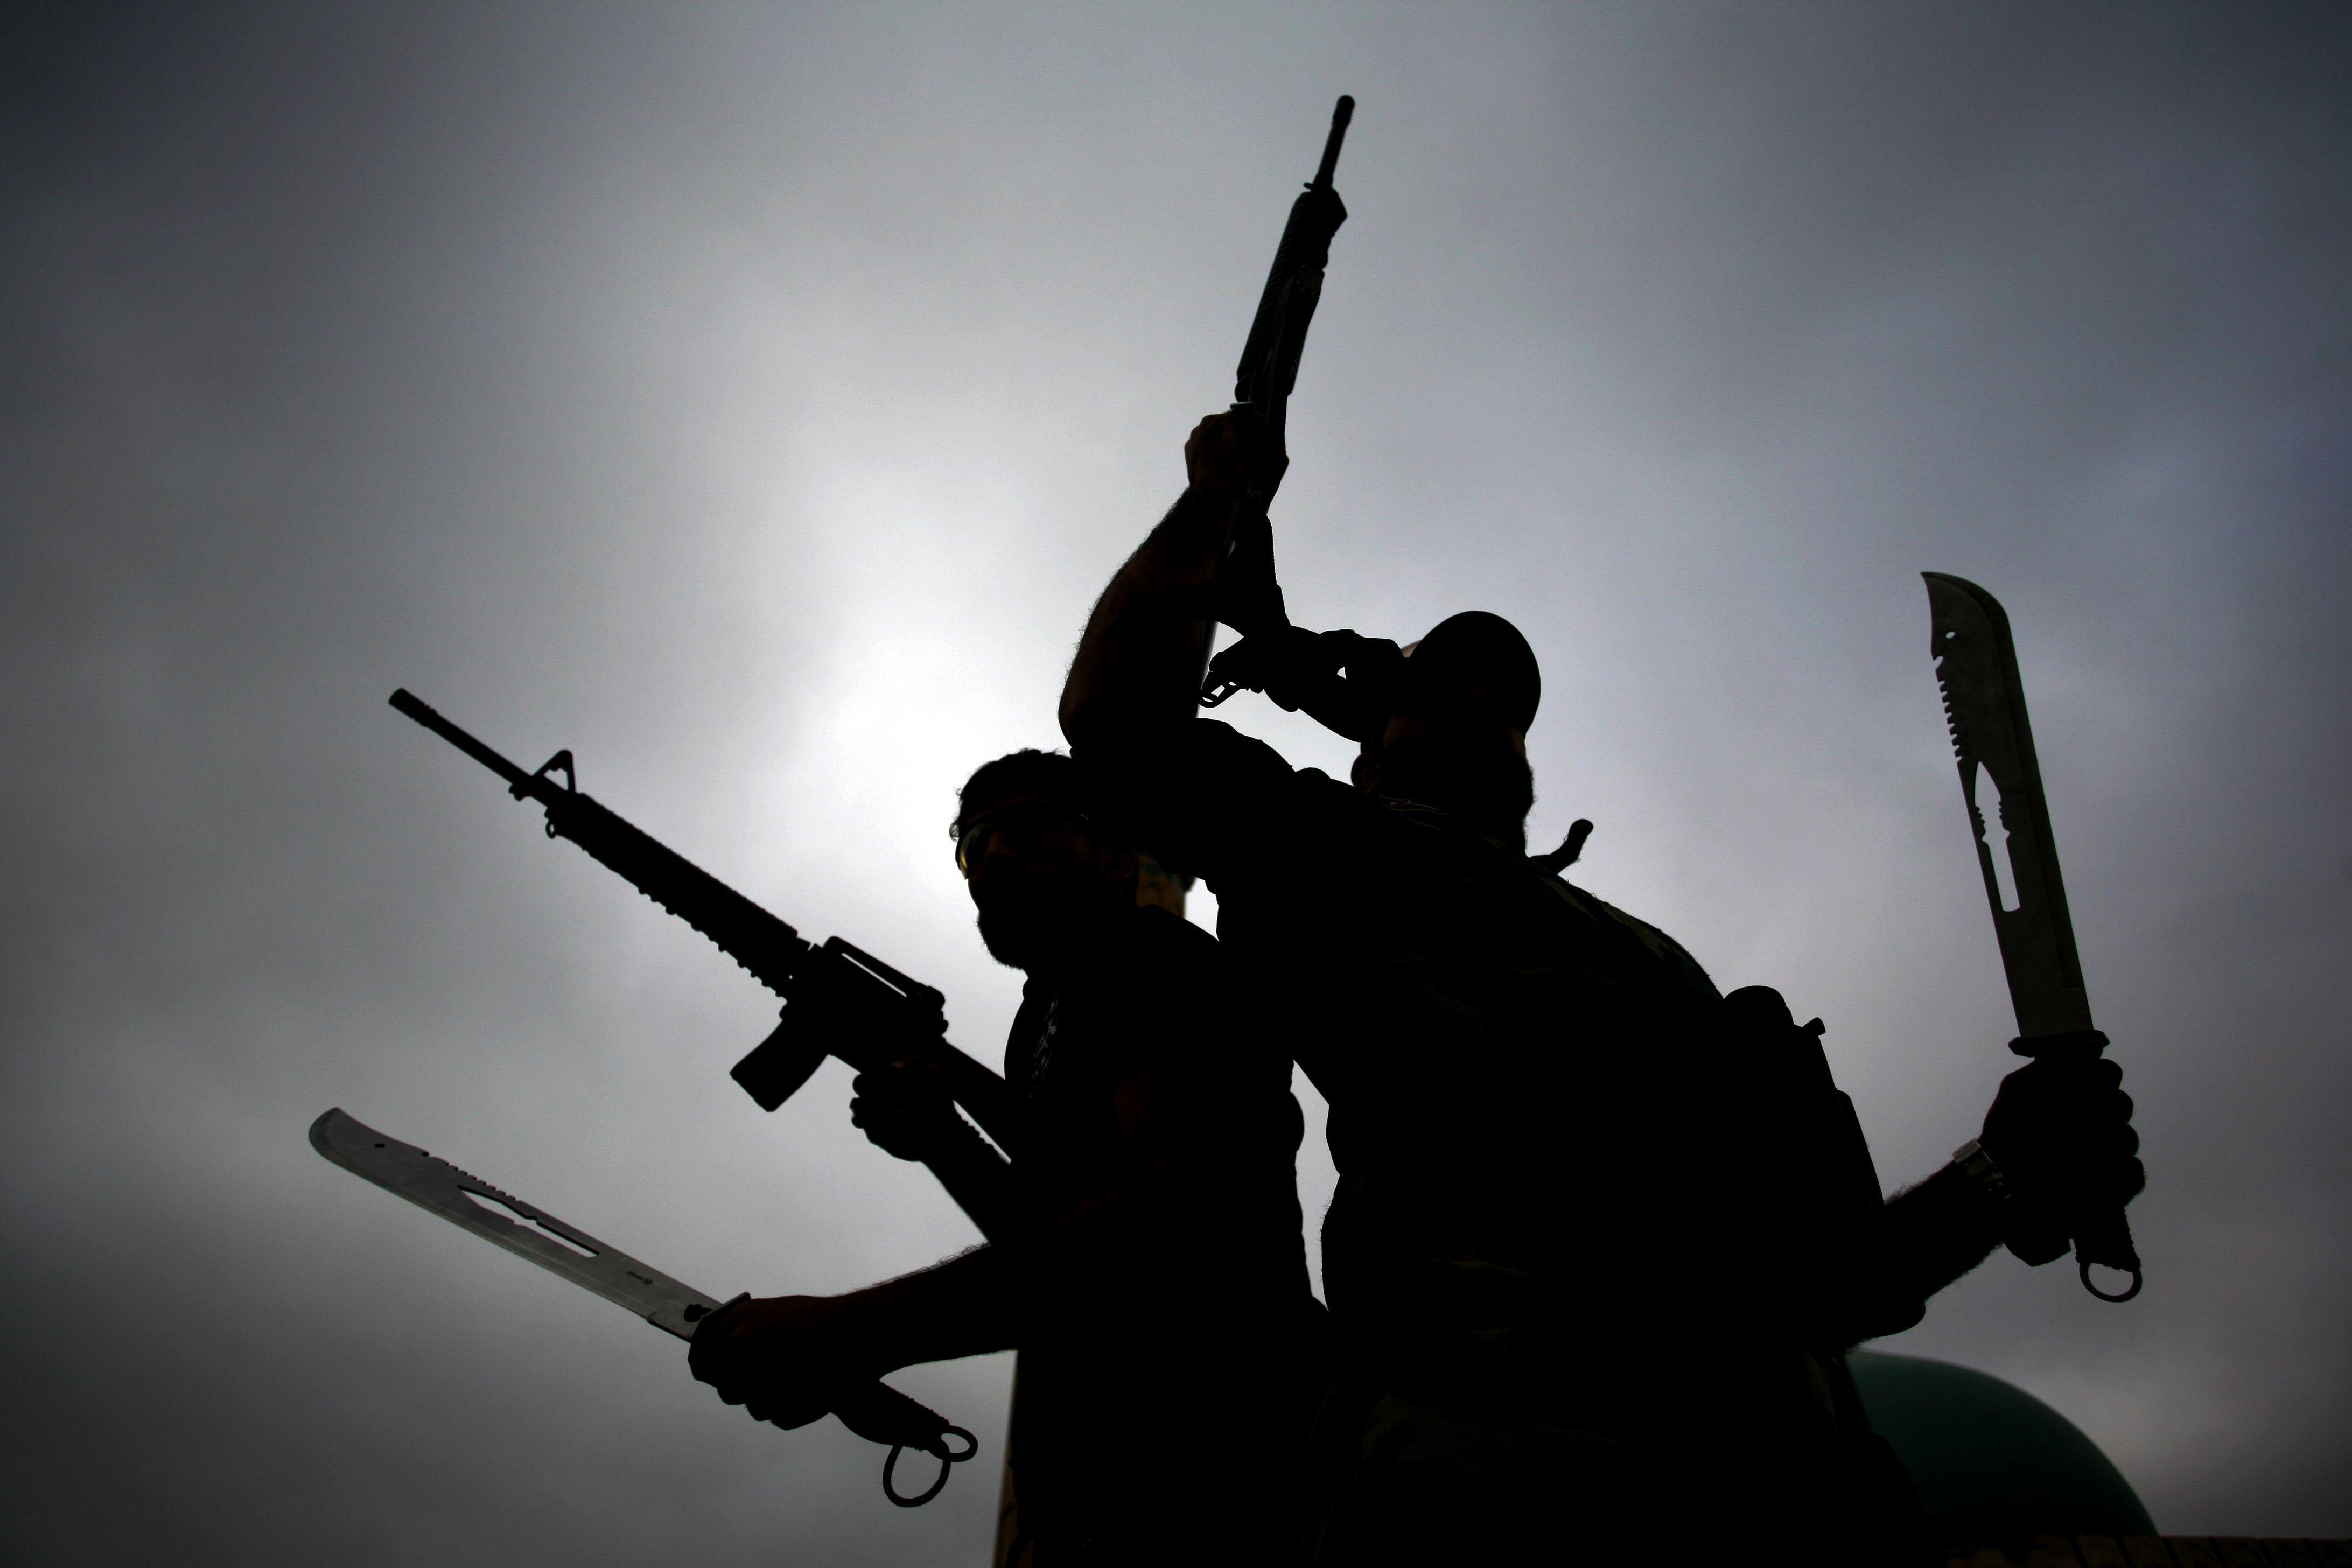 صورة الإرهاب بوصفه أيديولوجيا